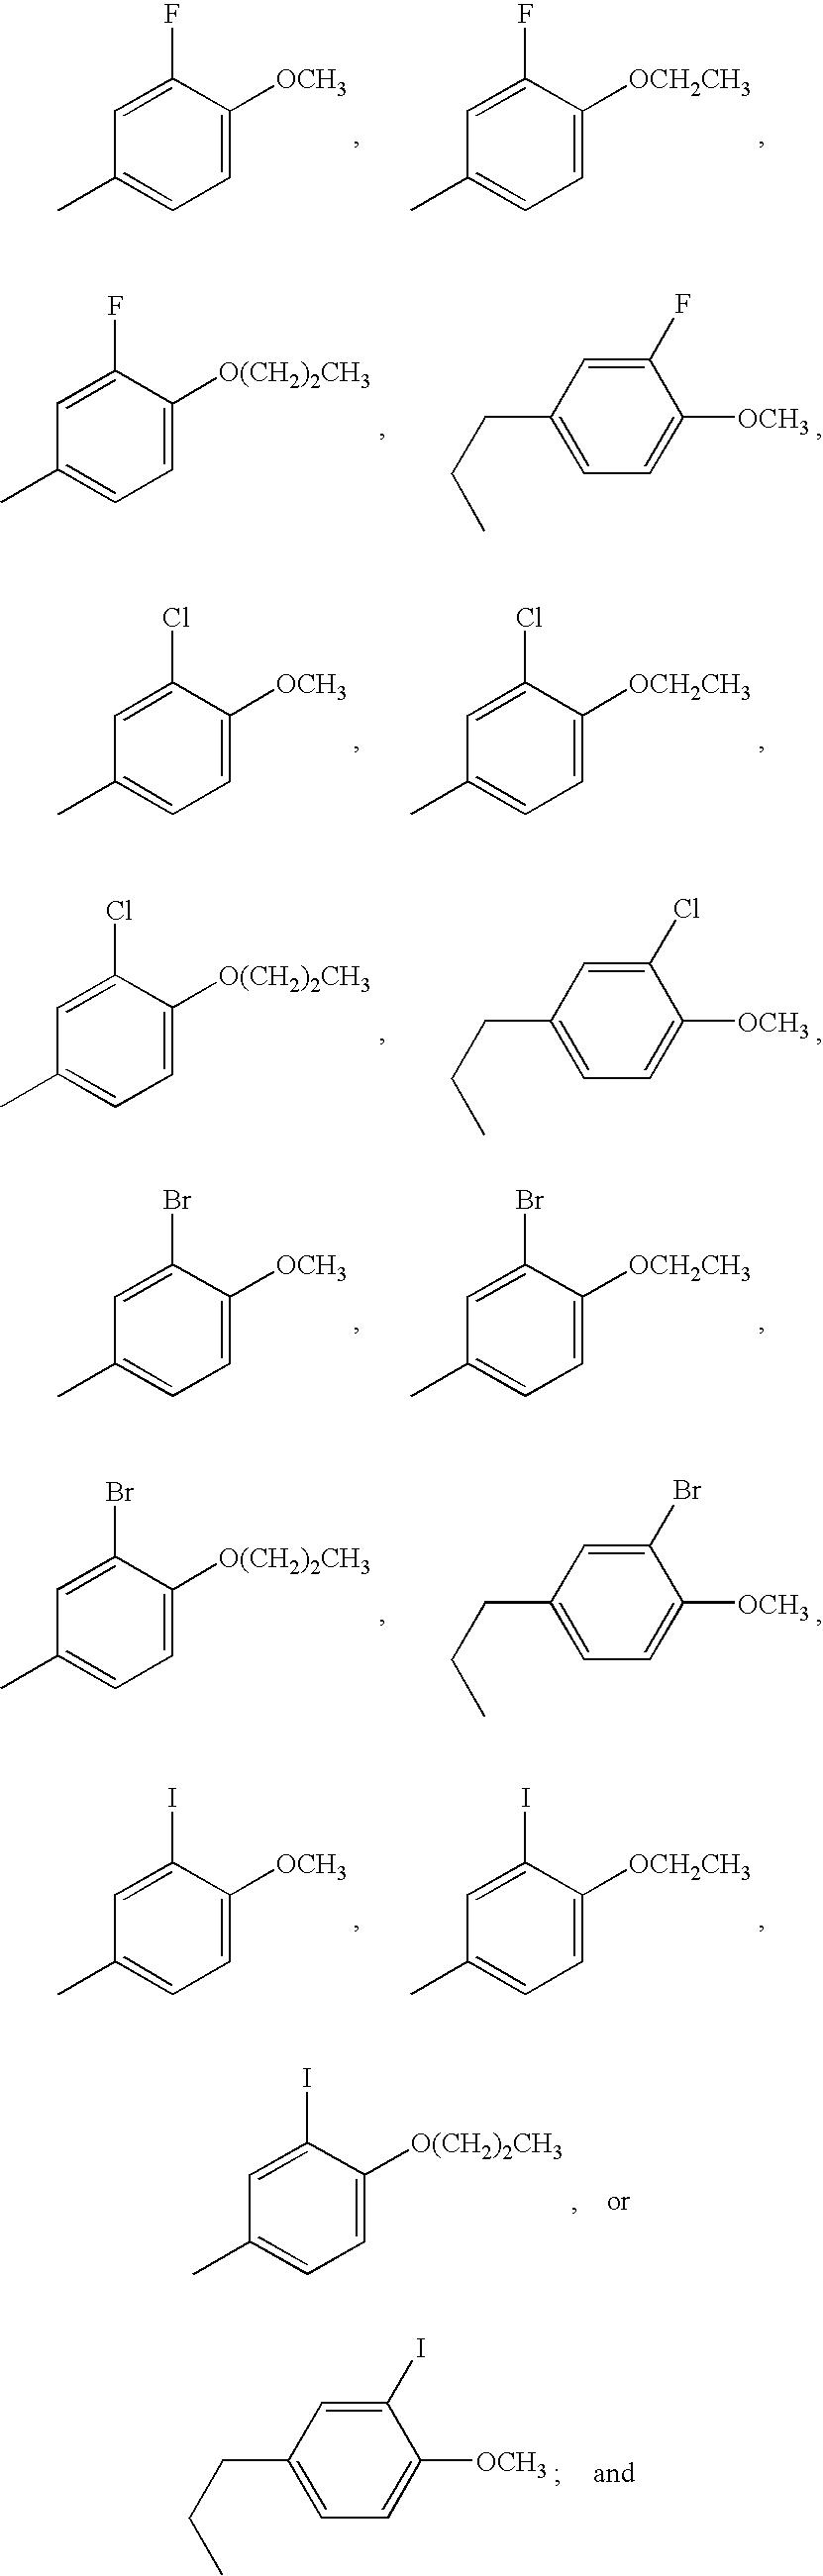 Figure US07112587-20060926-C00081